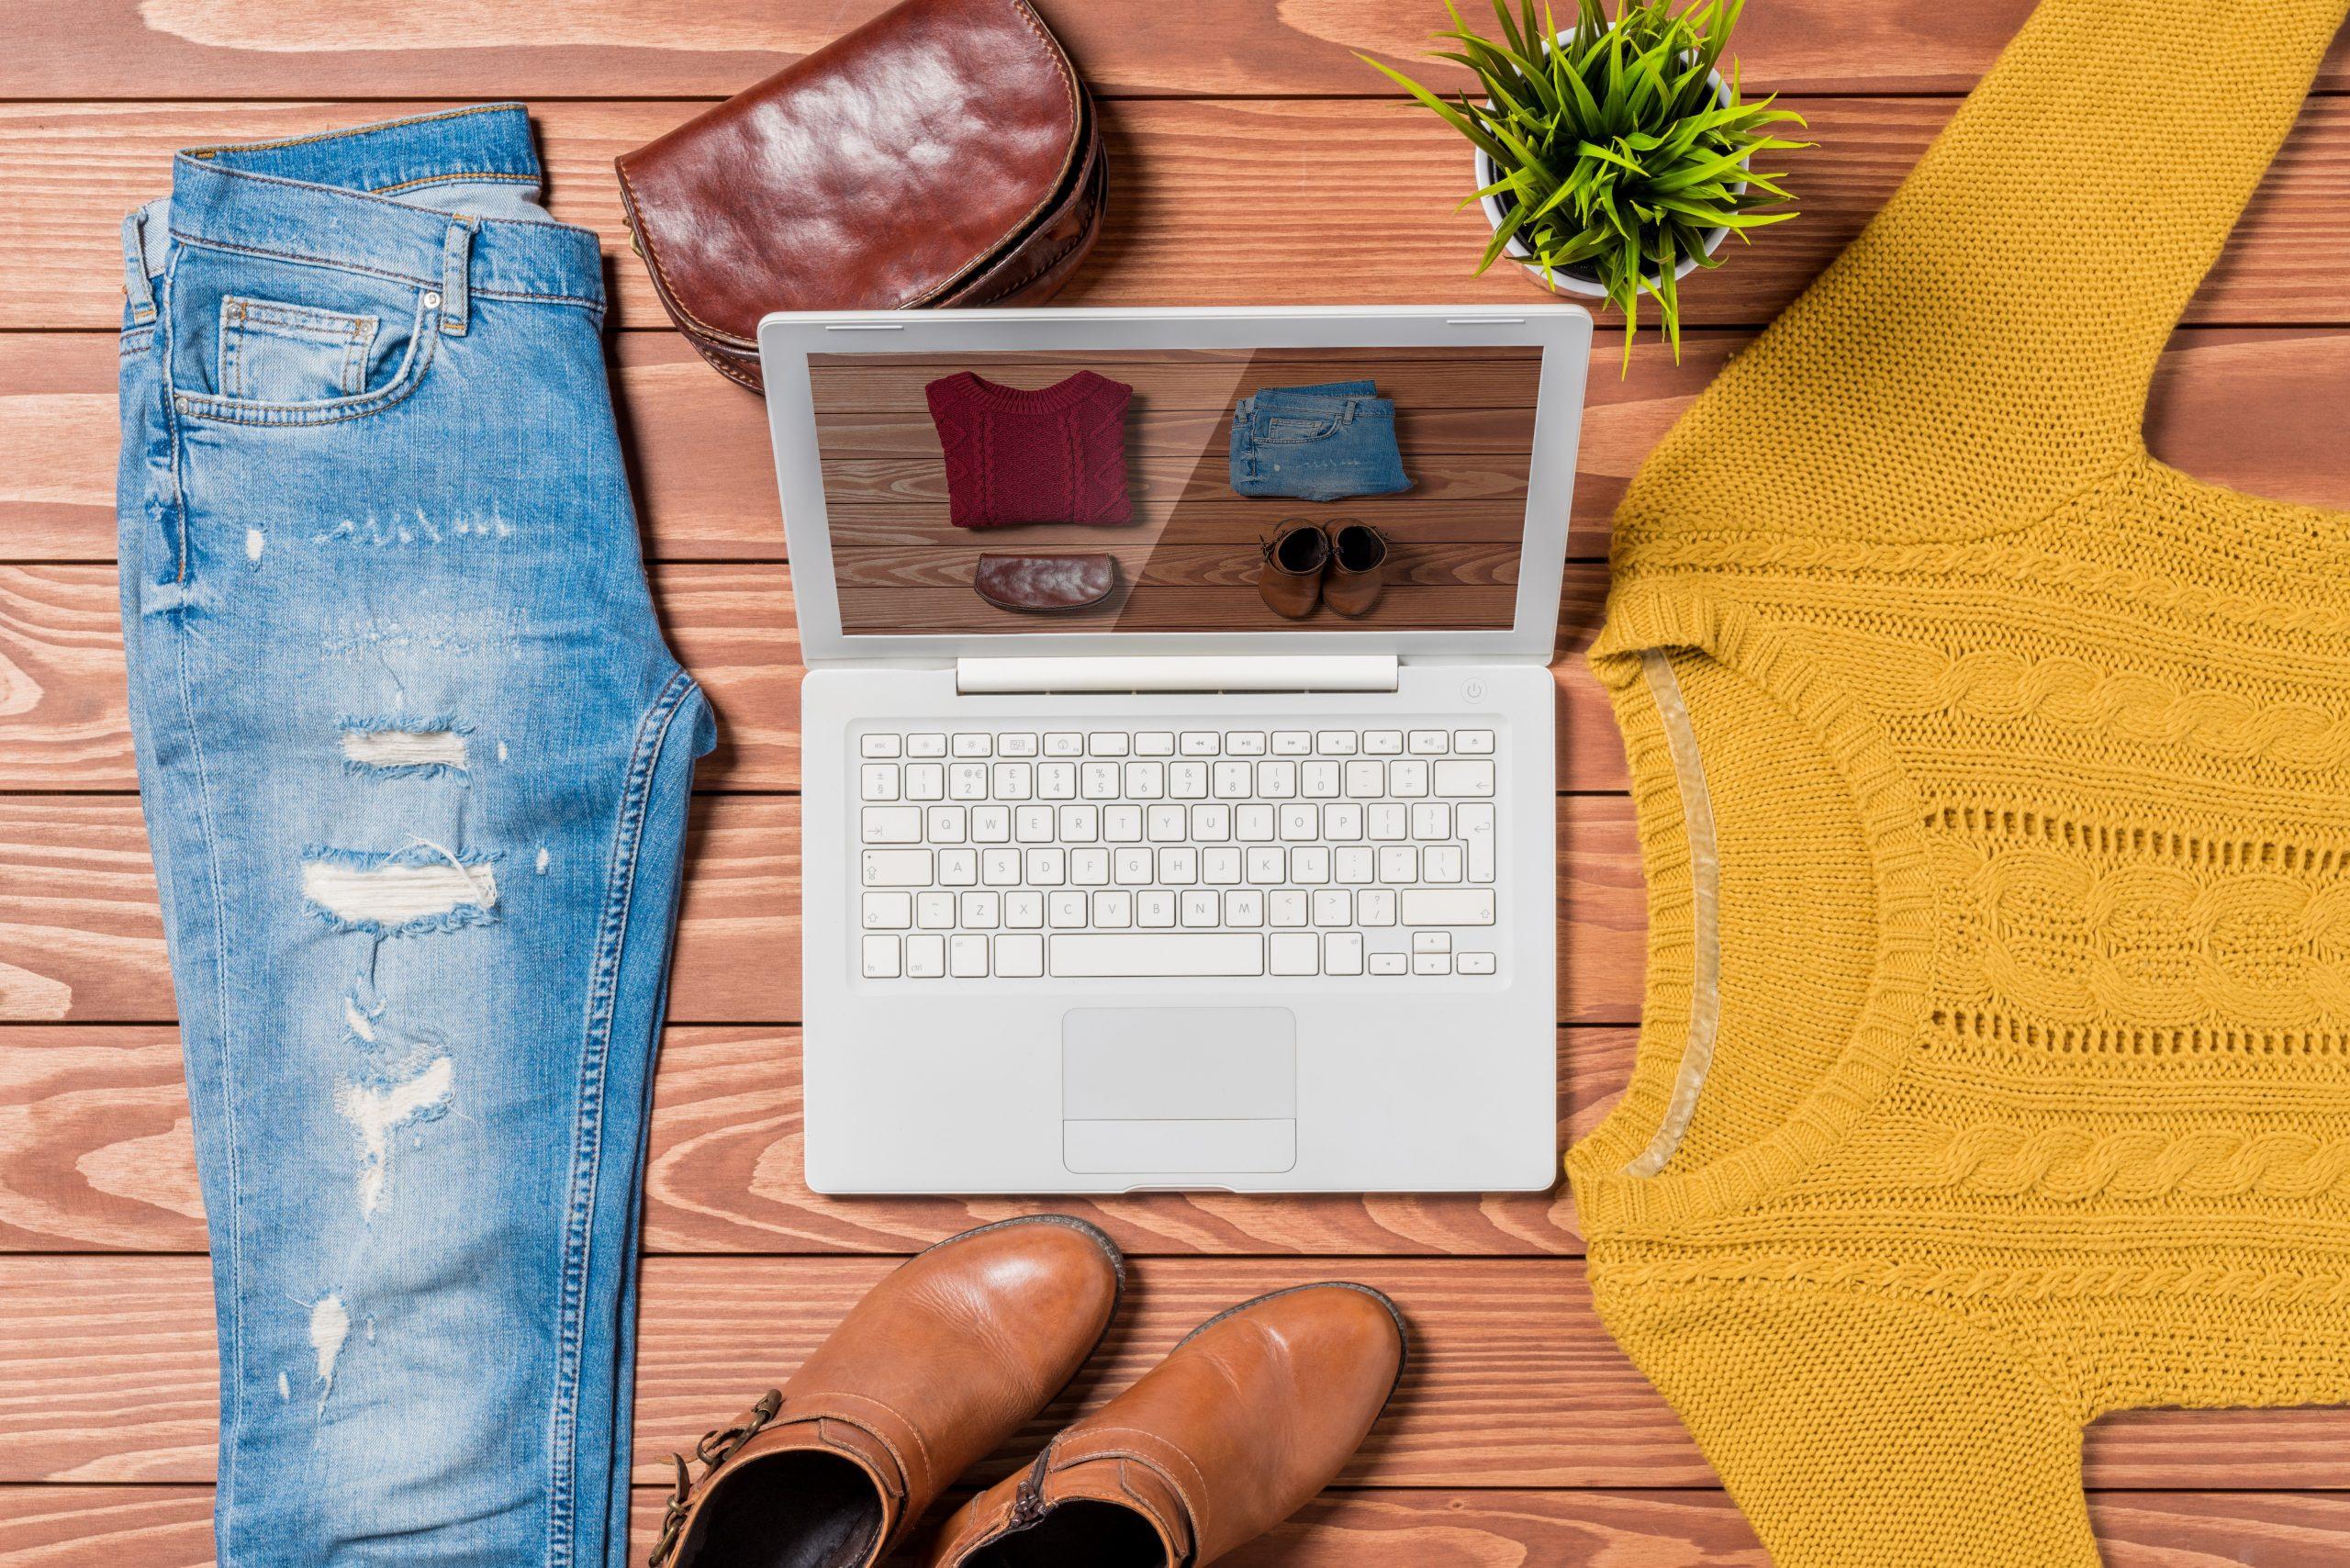 17 Ausgezeichnet Kleidung Online Kaufen VertriebDesigner Ausgezeichnet Kleidung Online Kaufen Ärmel